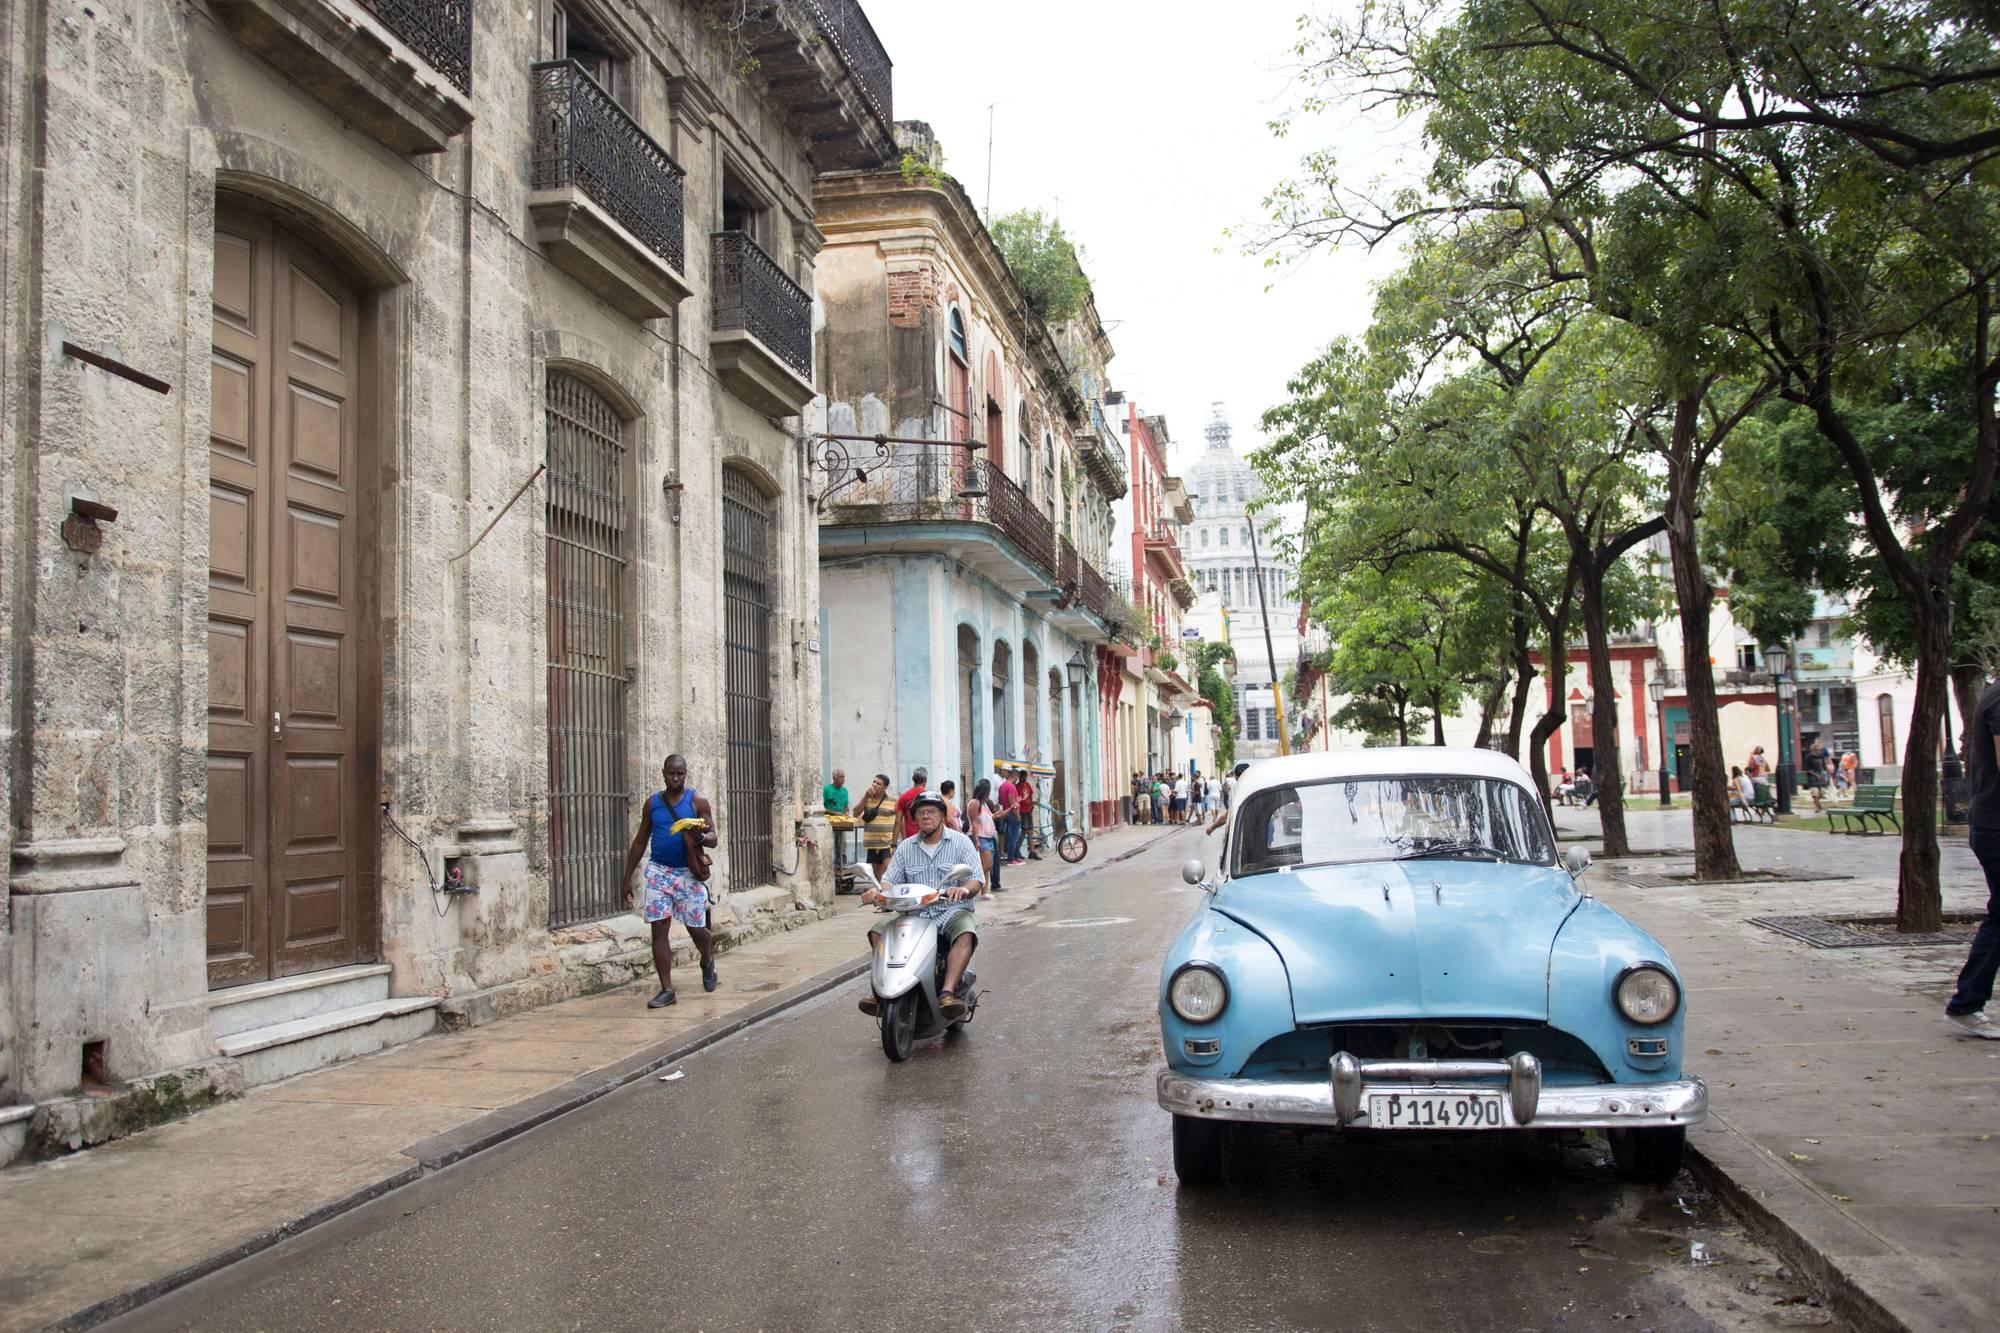 Cuba pbs rewire